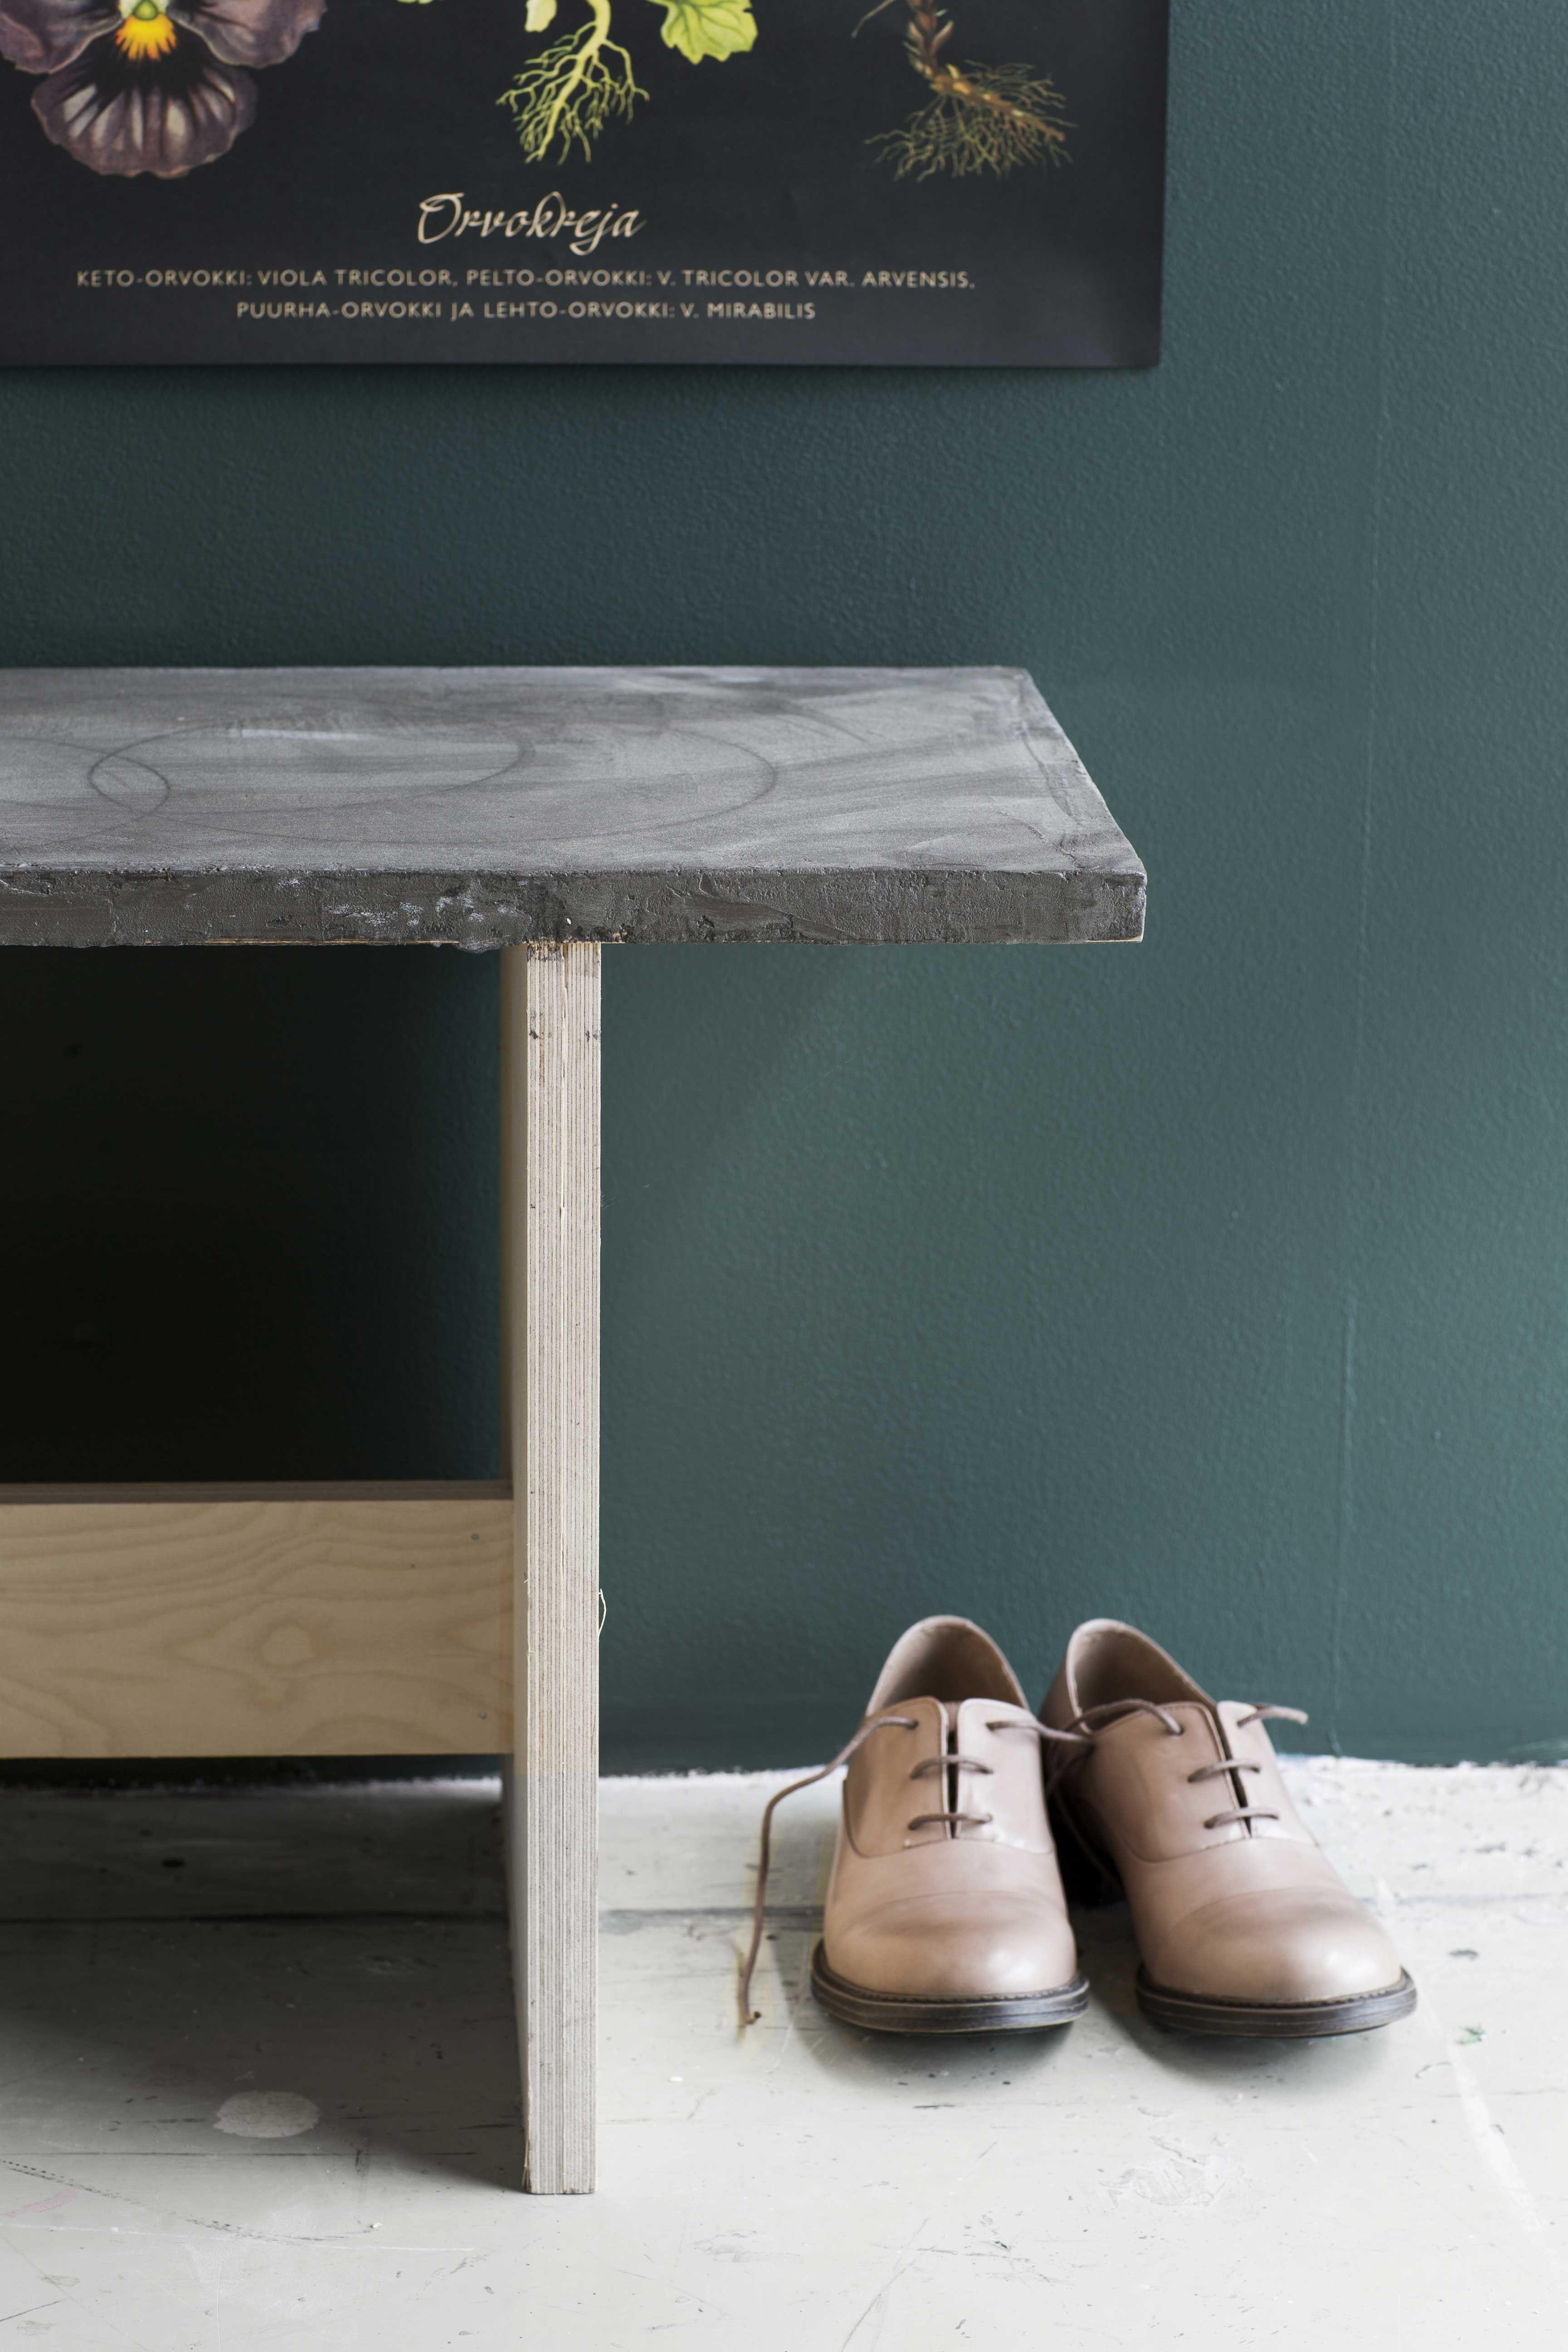 Tee itse betonipinnoitettu penkki vanerista. Kokeile mikrosementtiä - saat rouhean betonipinnan. dekolehti.fi